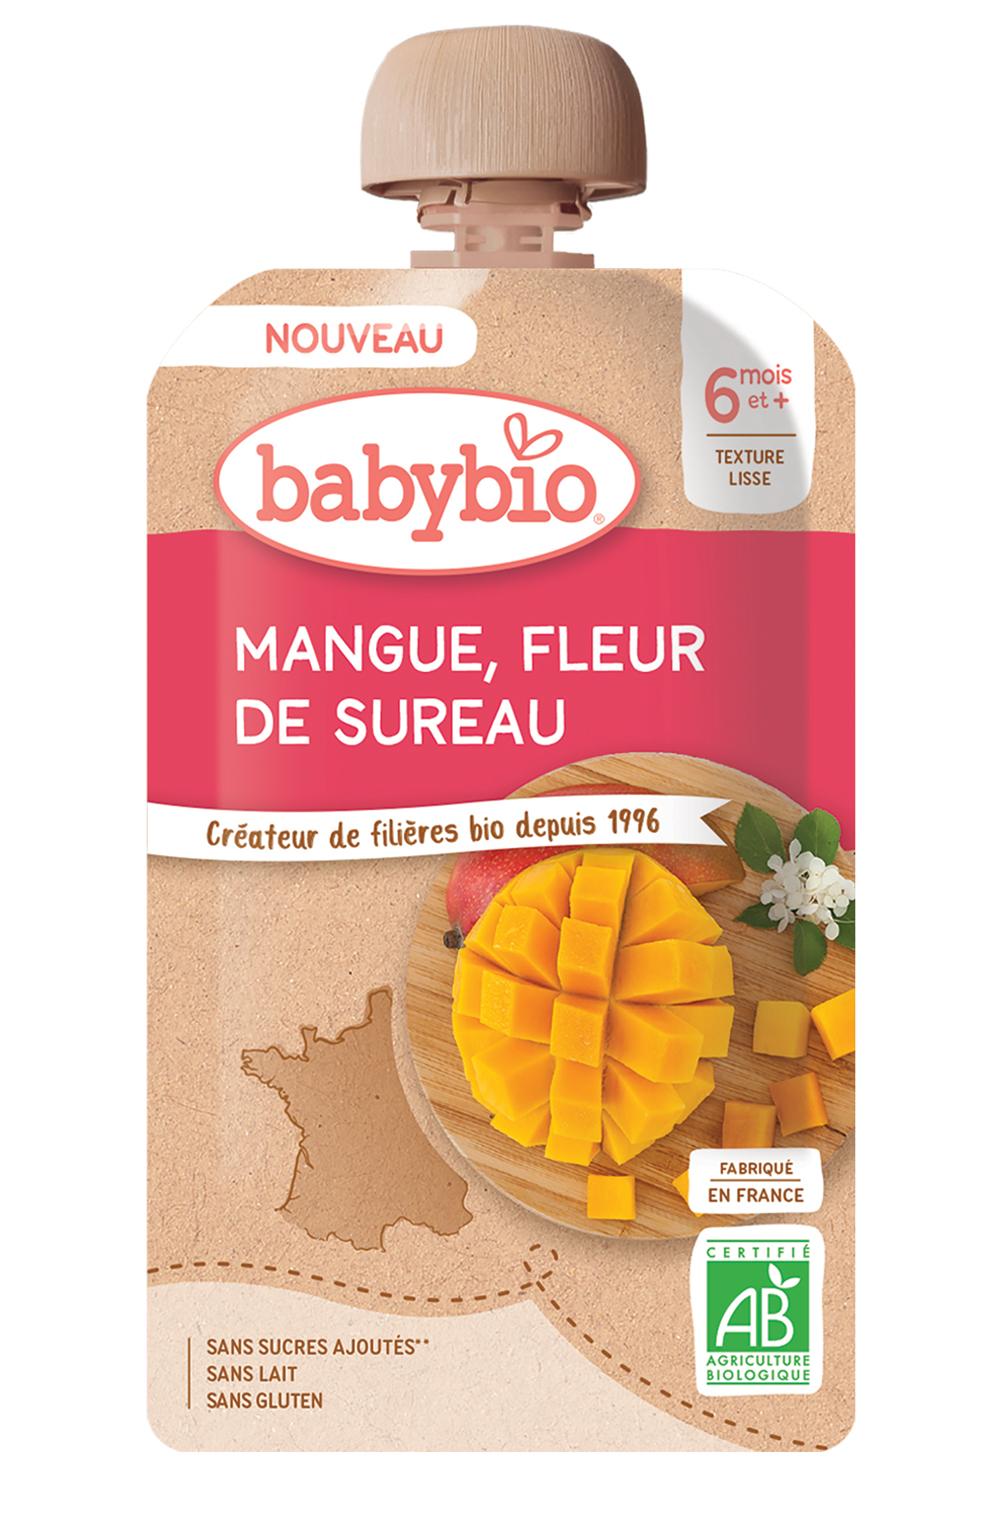 babybio Mangue fleur de sureau - Des bouquets de saveurs pour bébé avec les gourdes Babybio